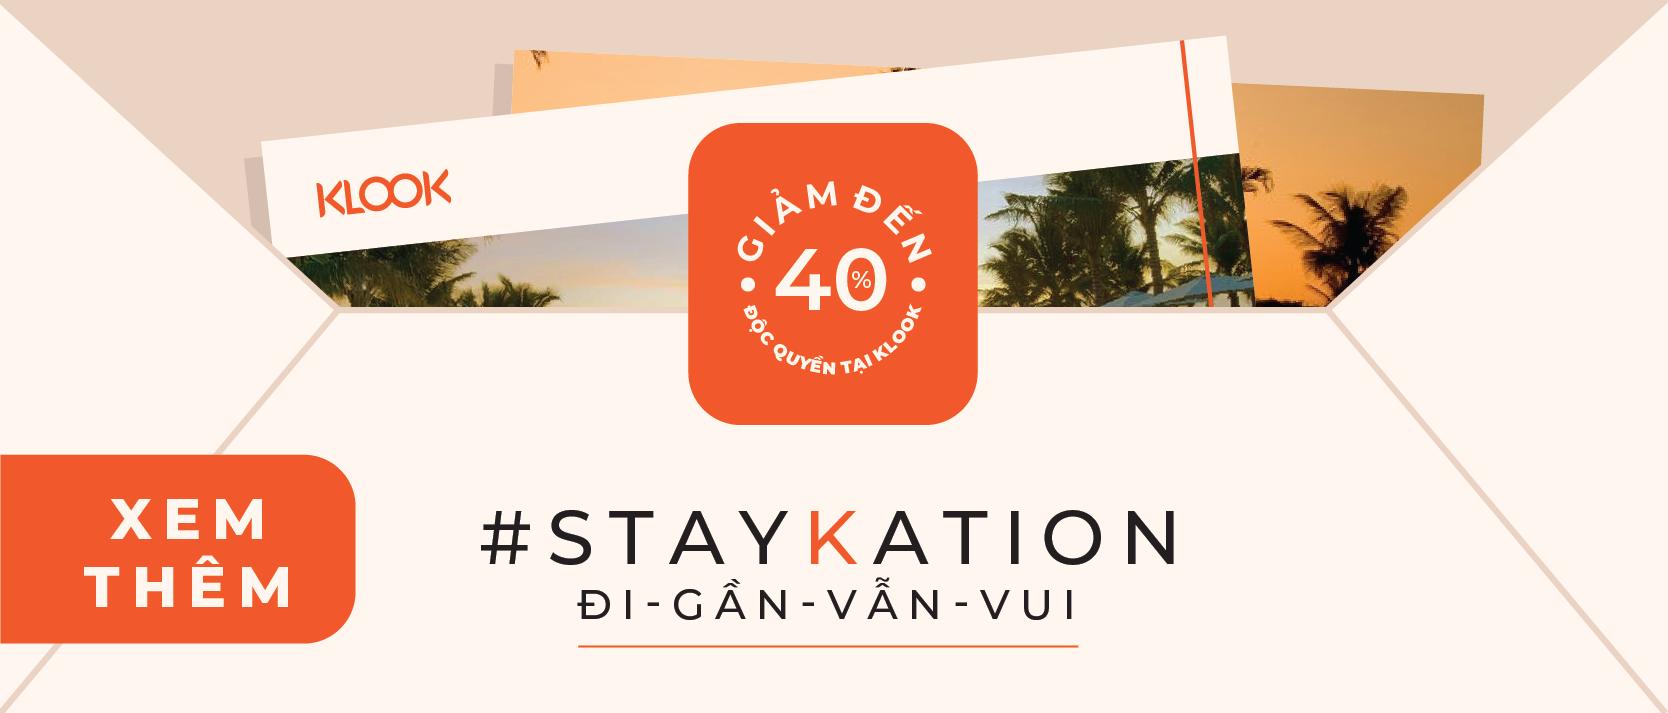 klook-staykation